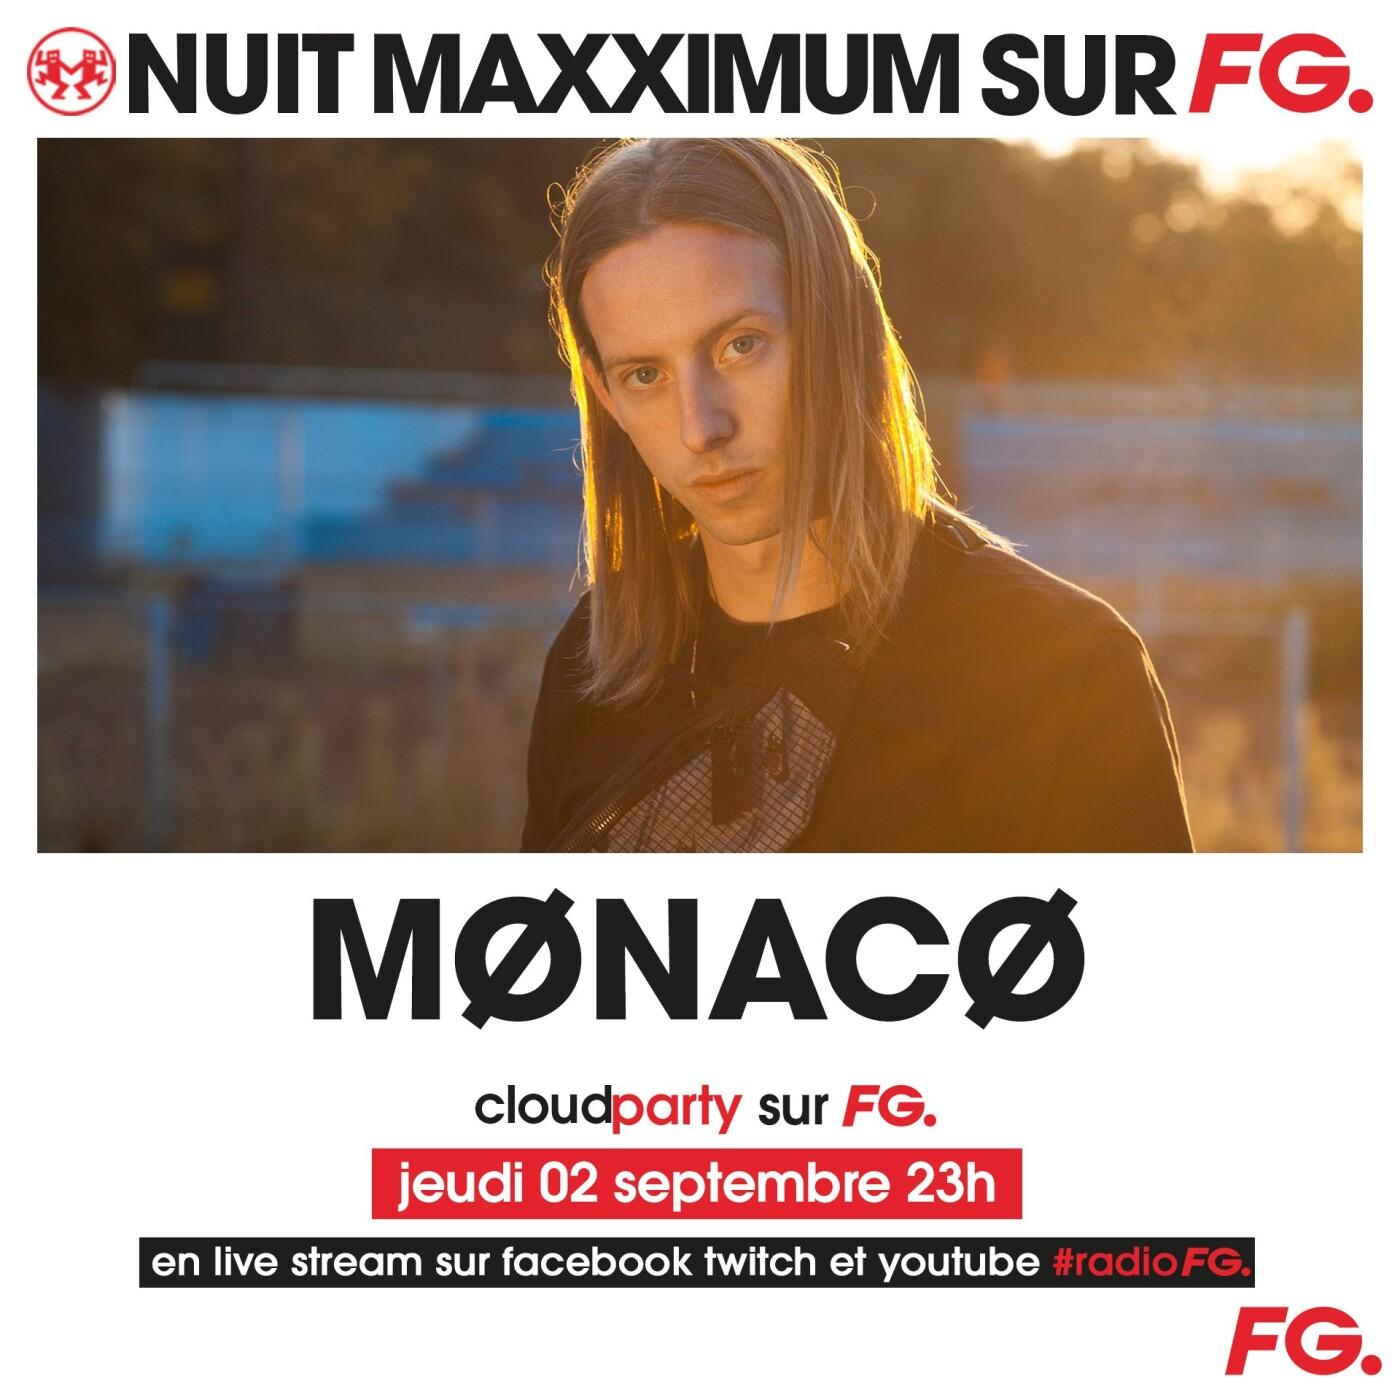 LA NUIT MAXXIMUM SUR FG : MONACO